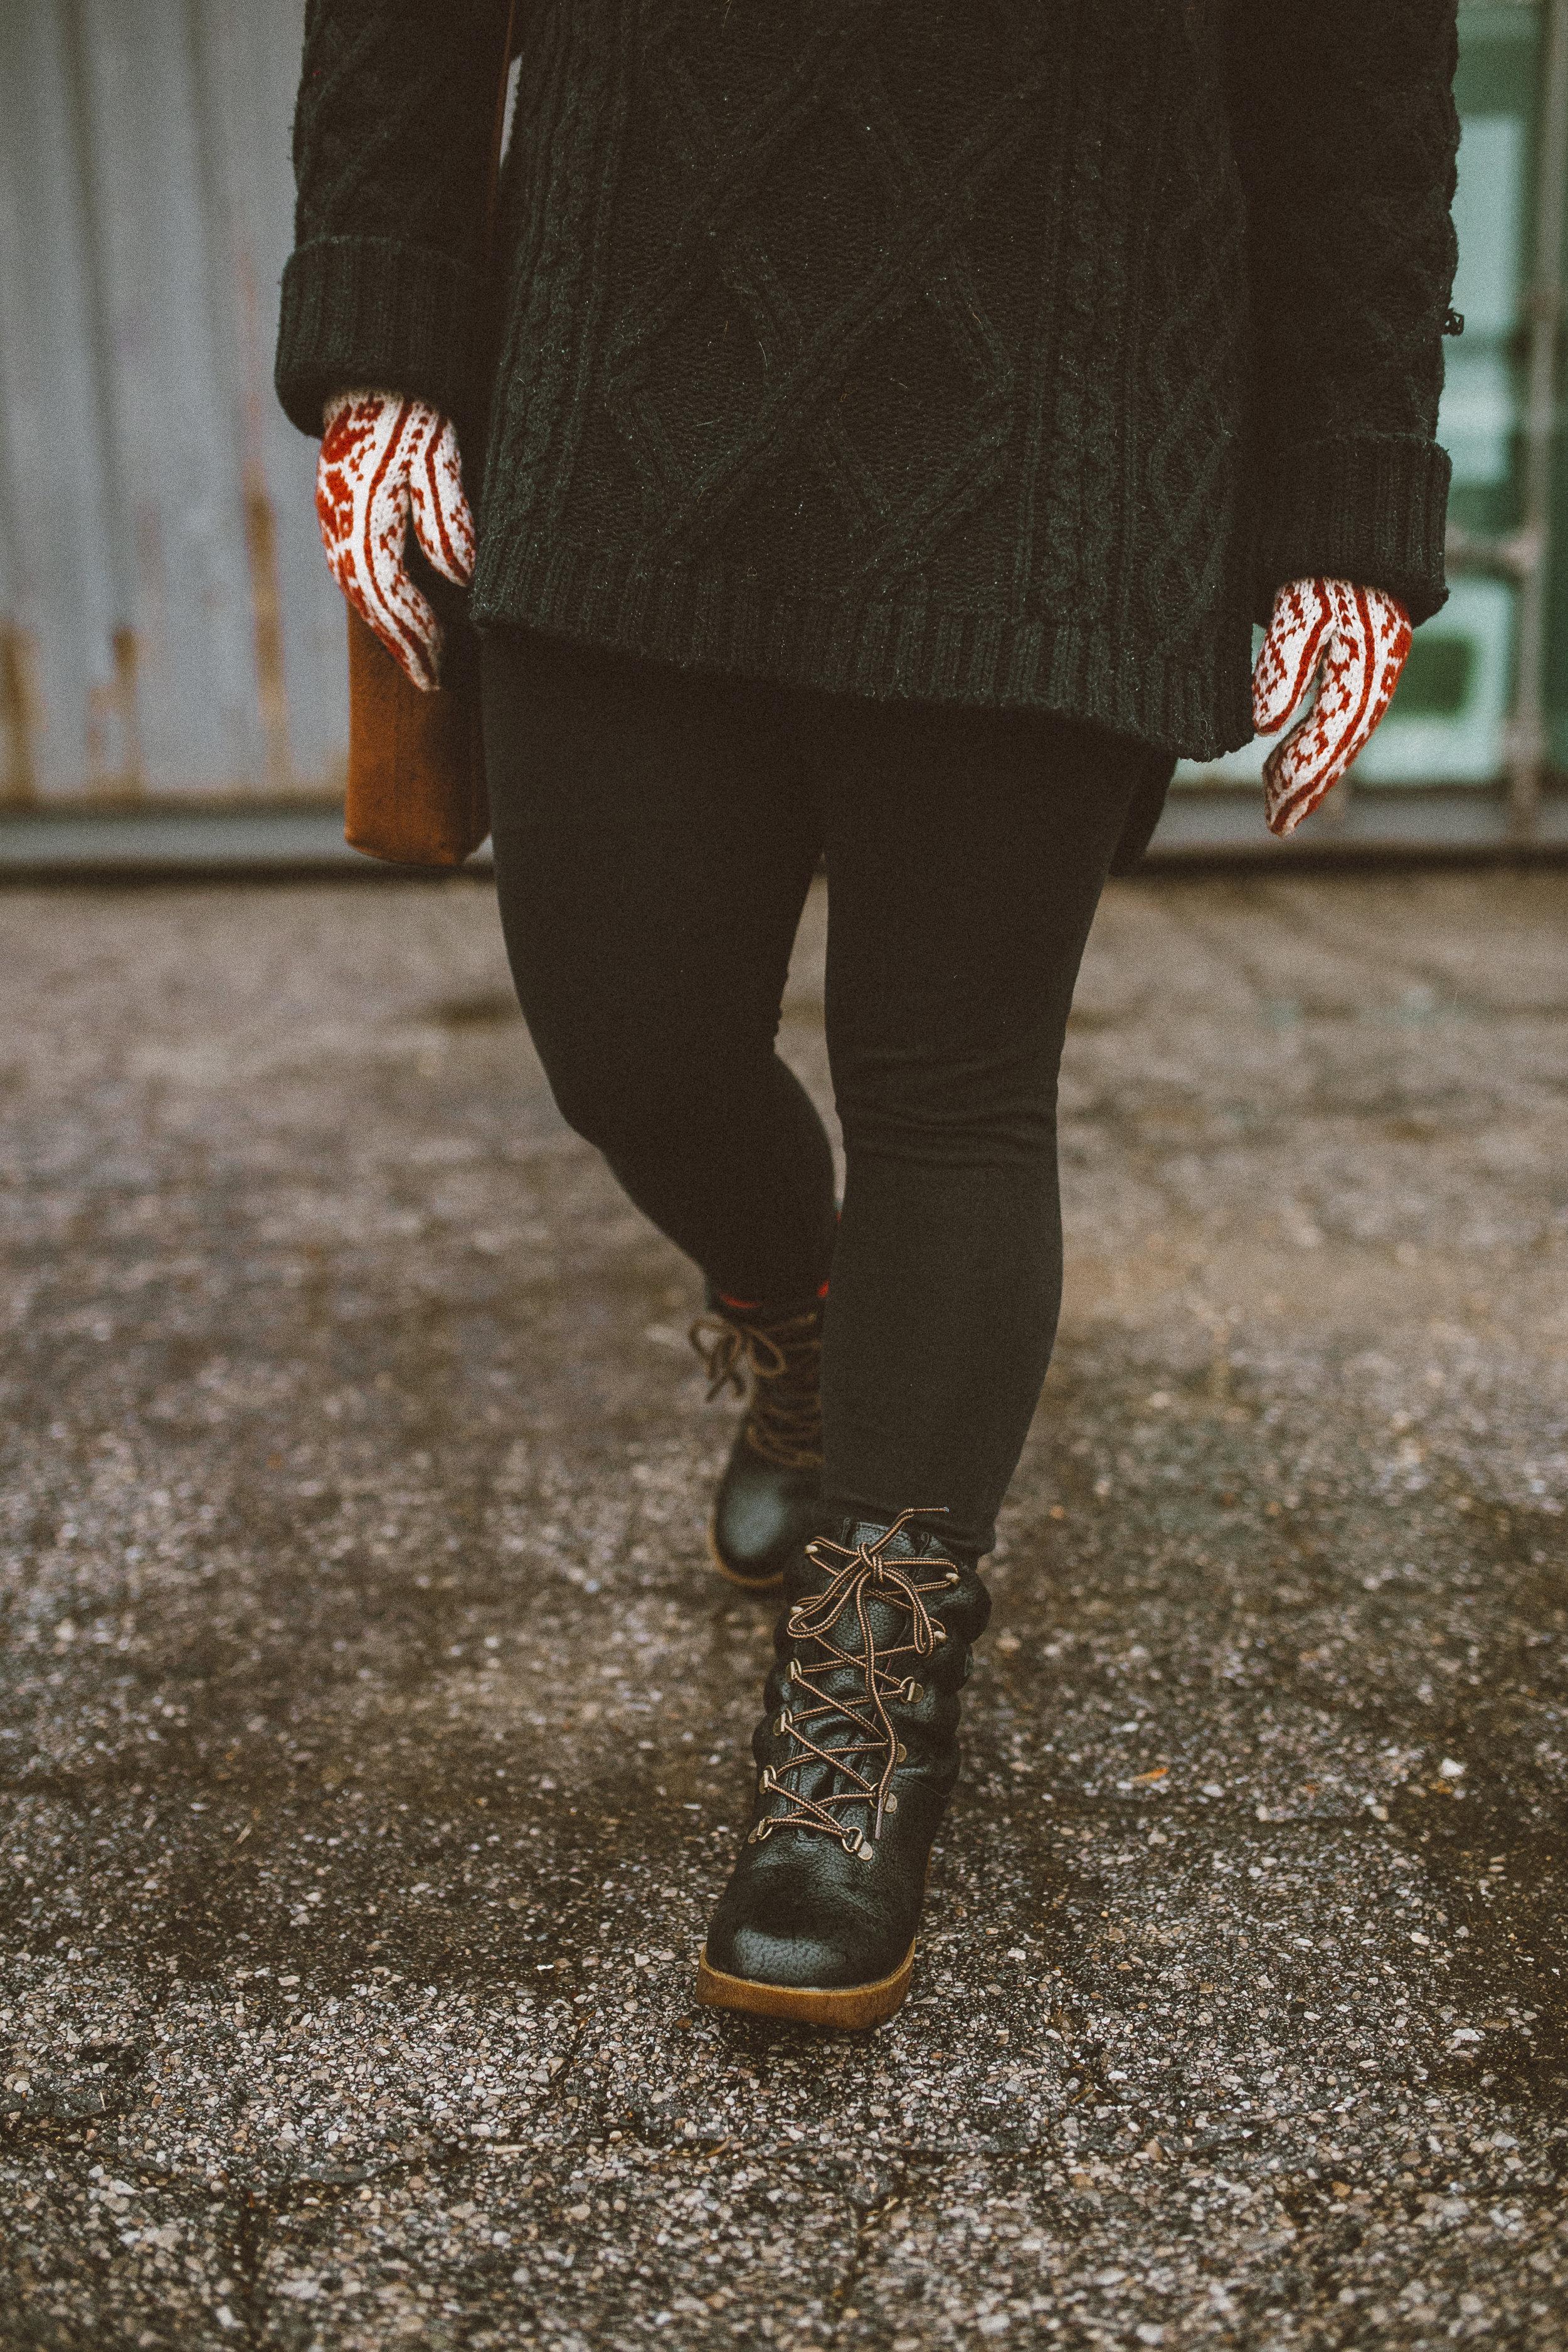 cougar sundance fashion snow boots-10.jpg